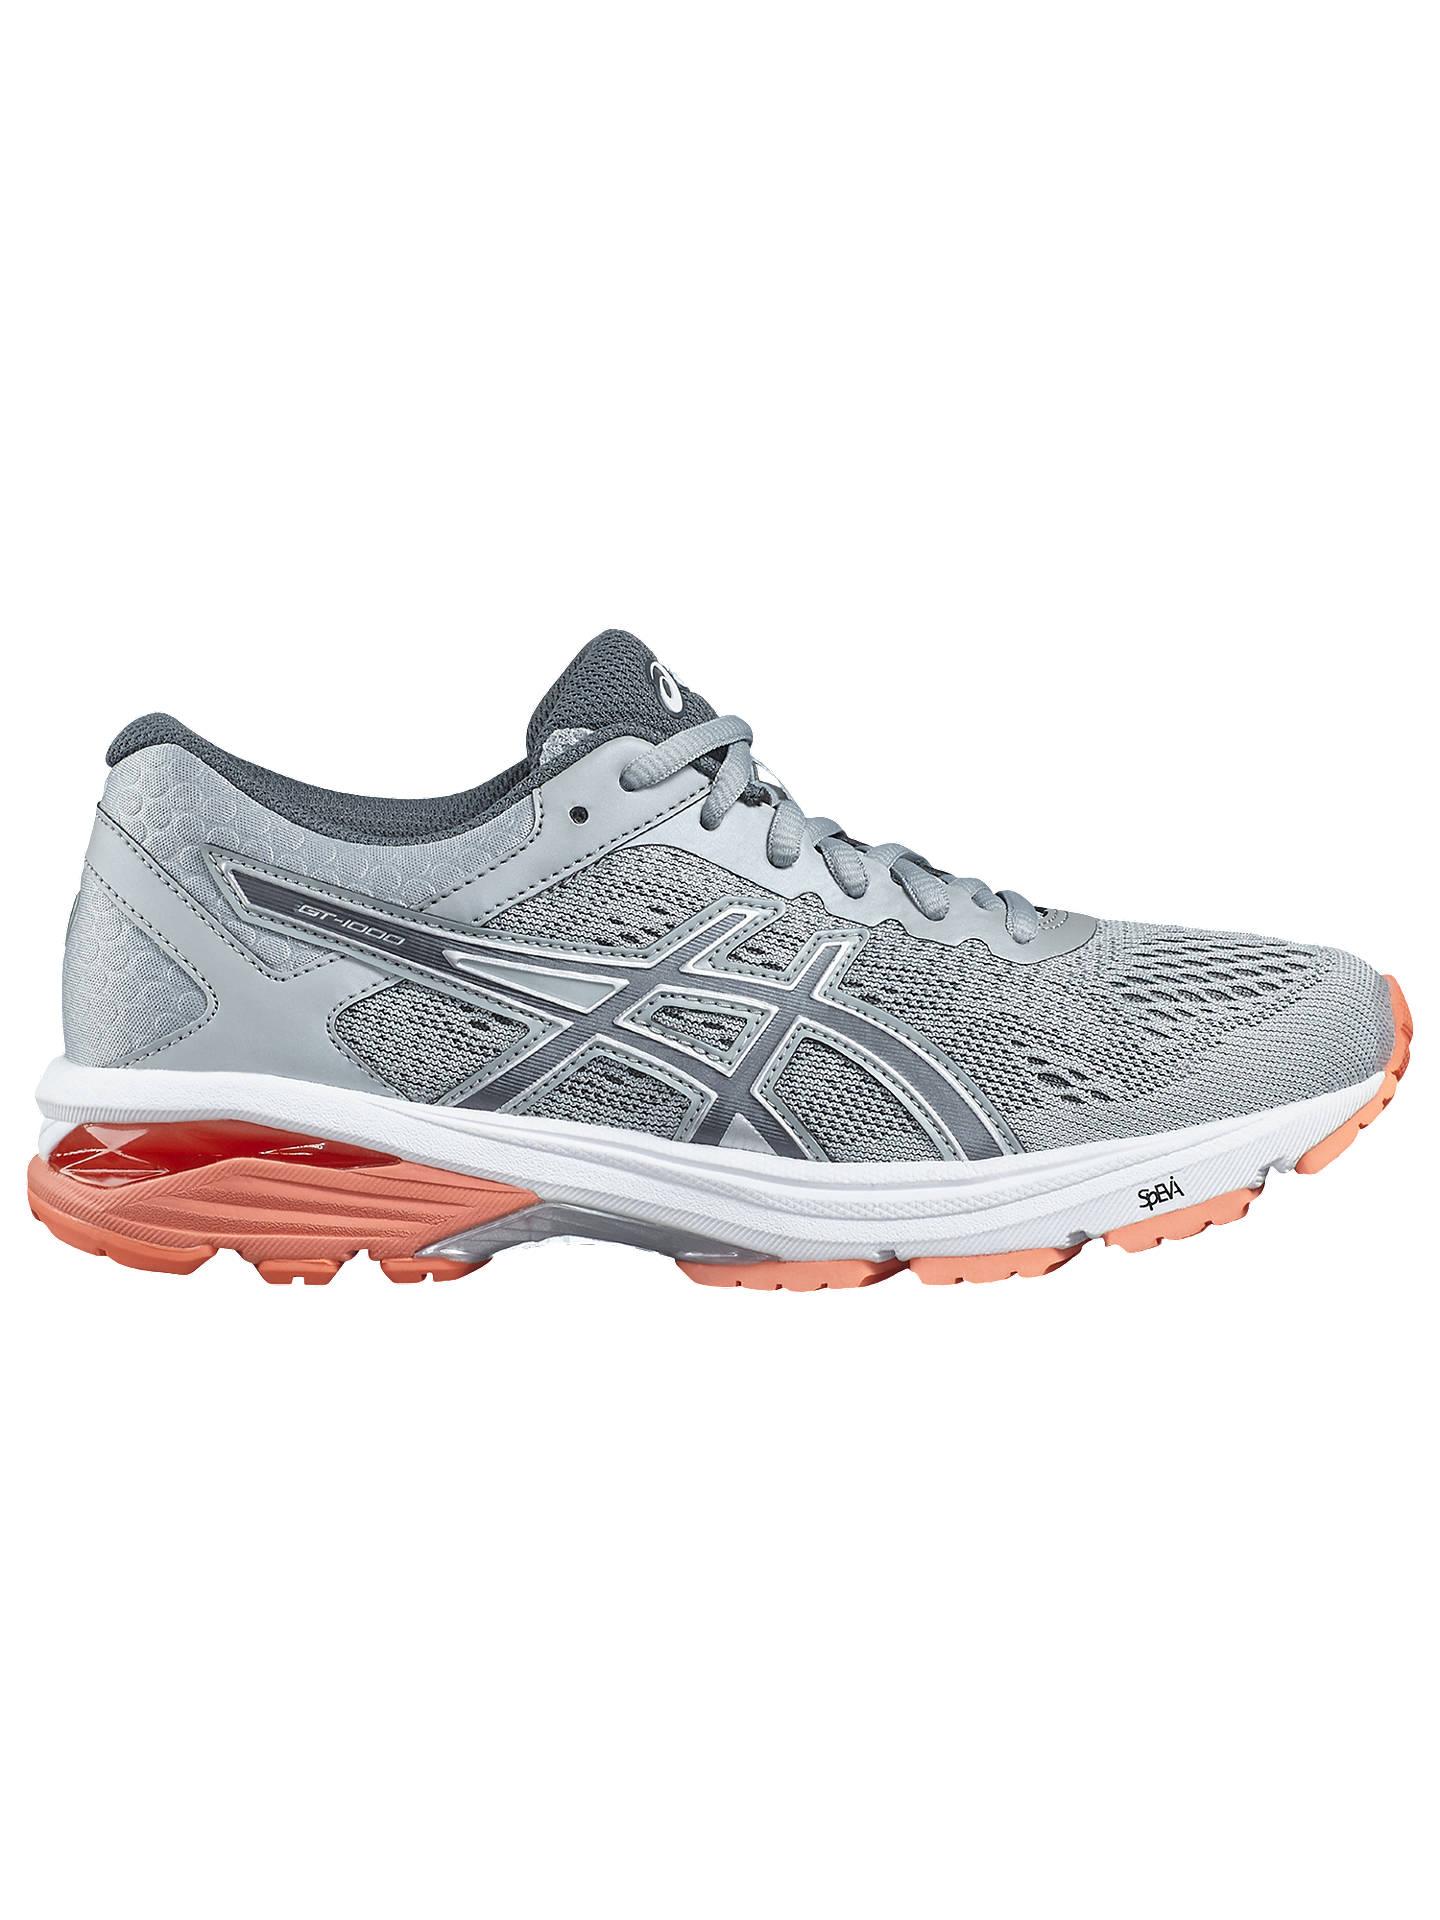 Asics GT 1000 6 Women's Running Shoes